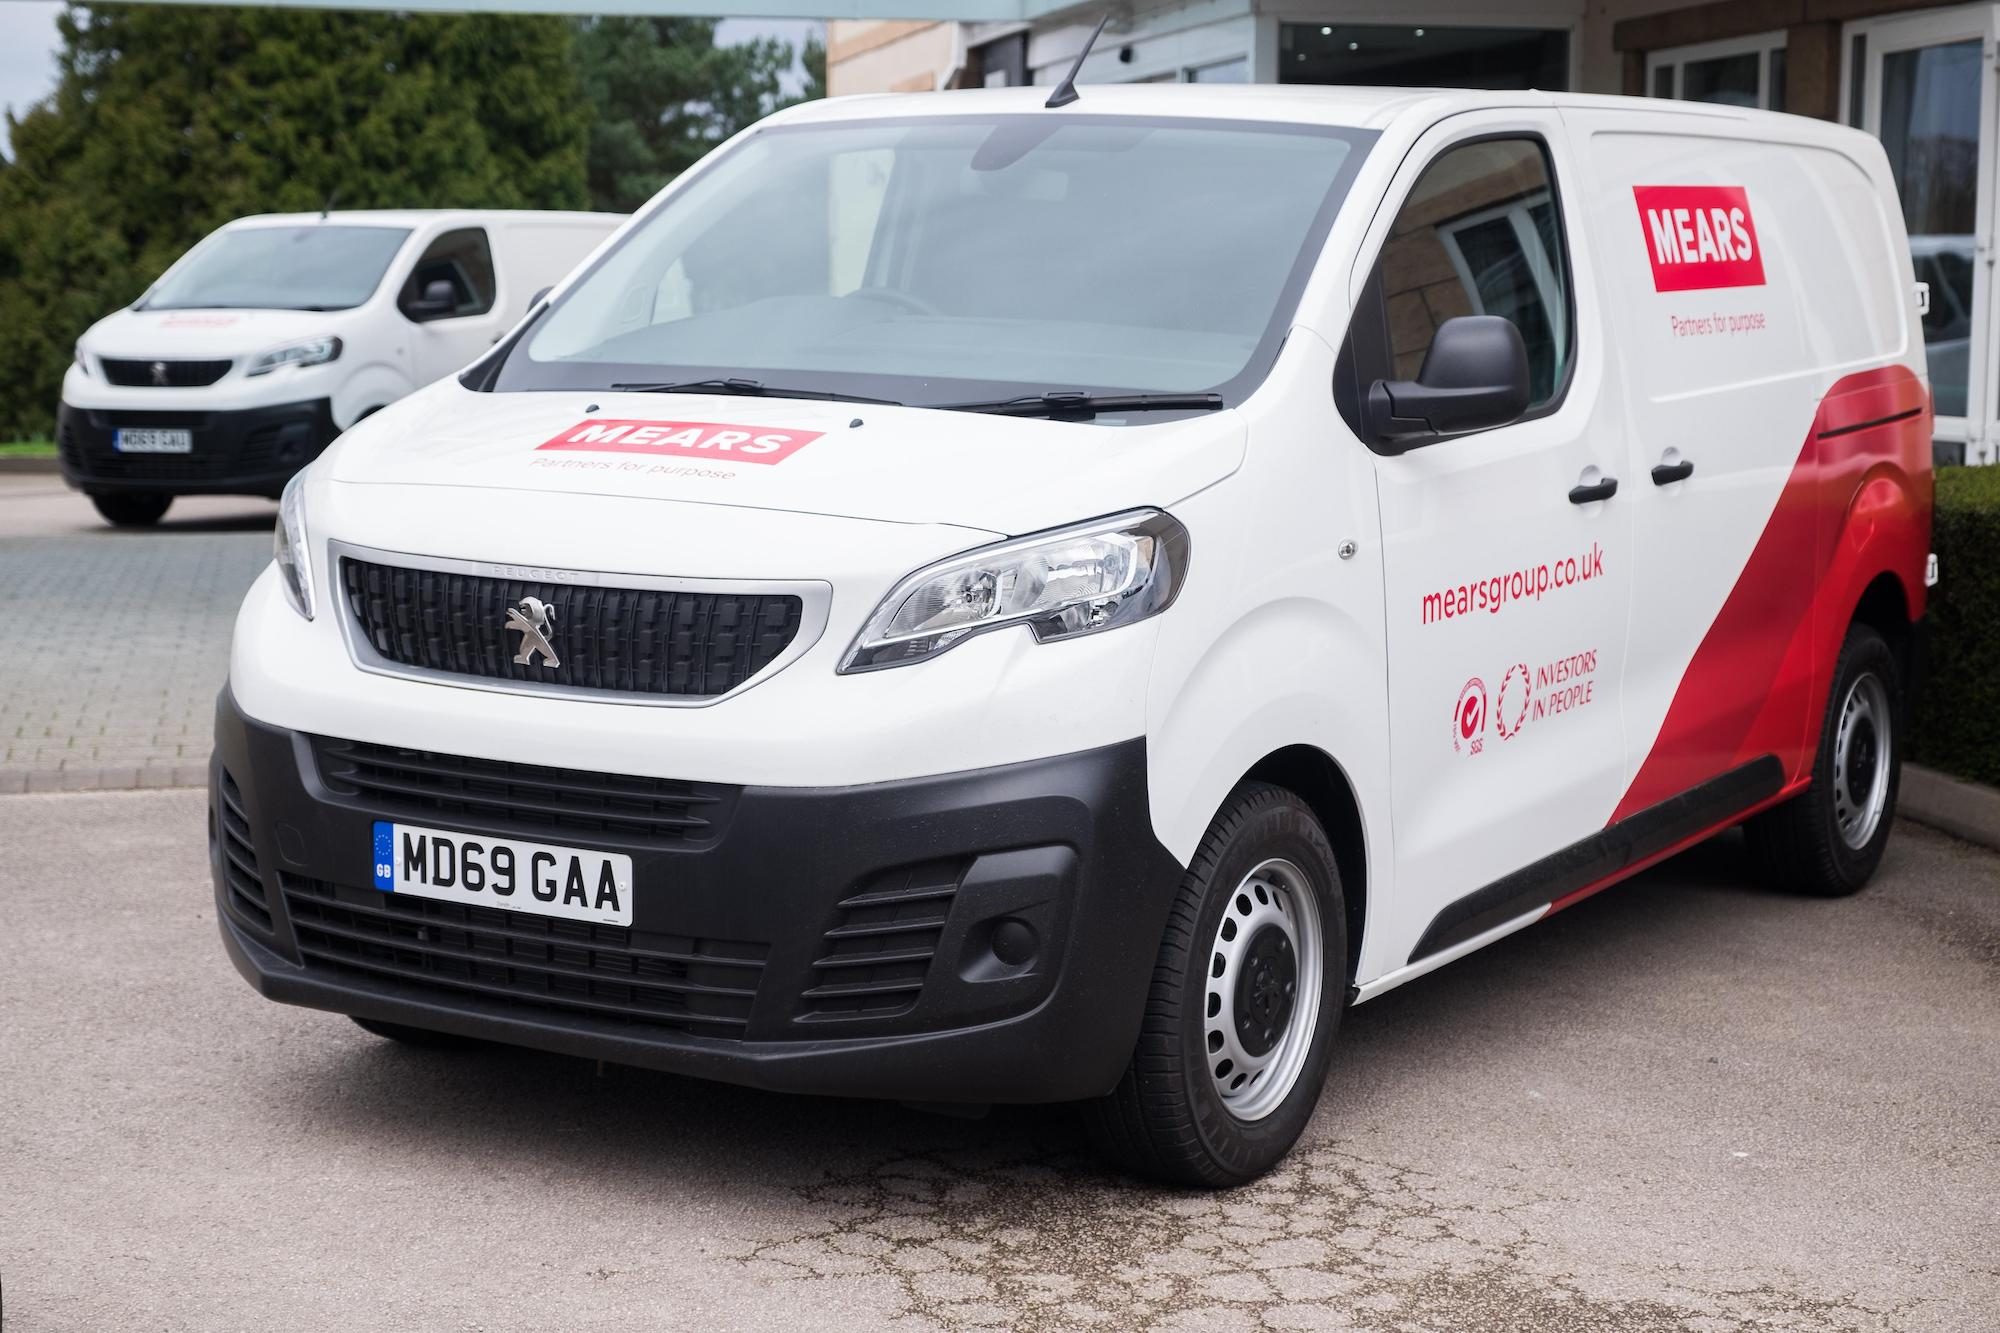 A Mears work van